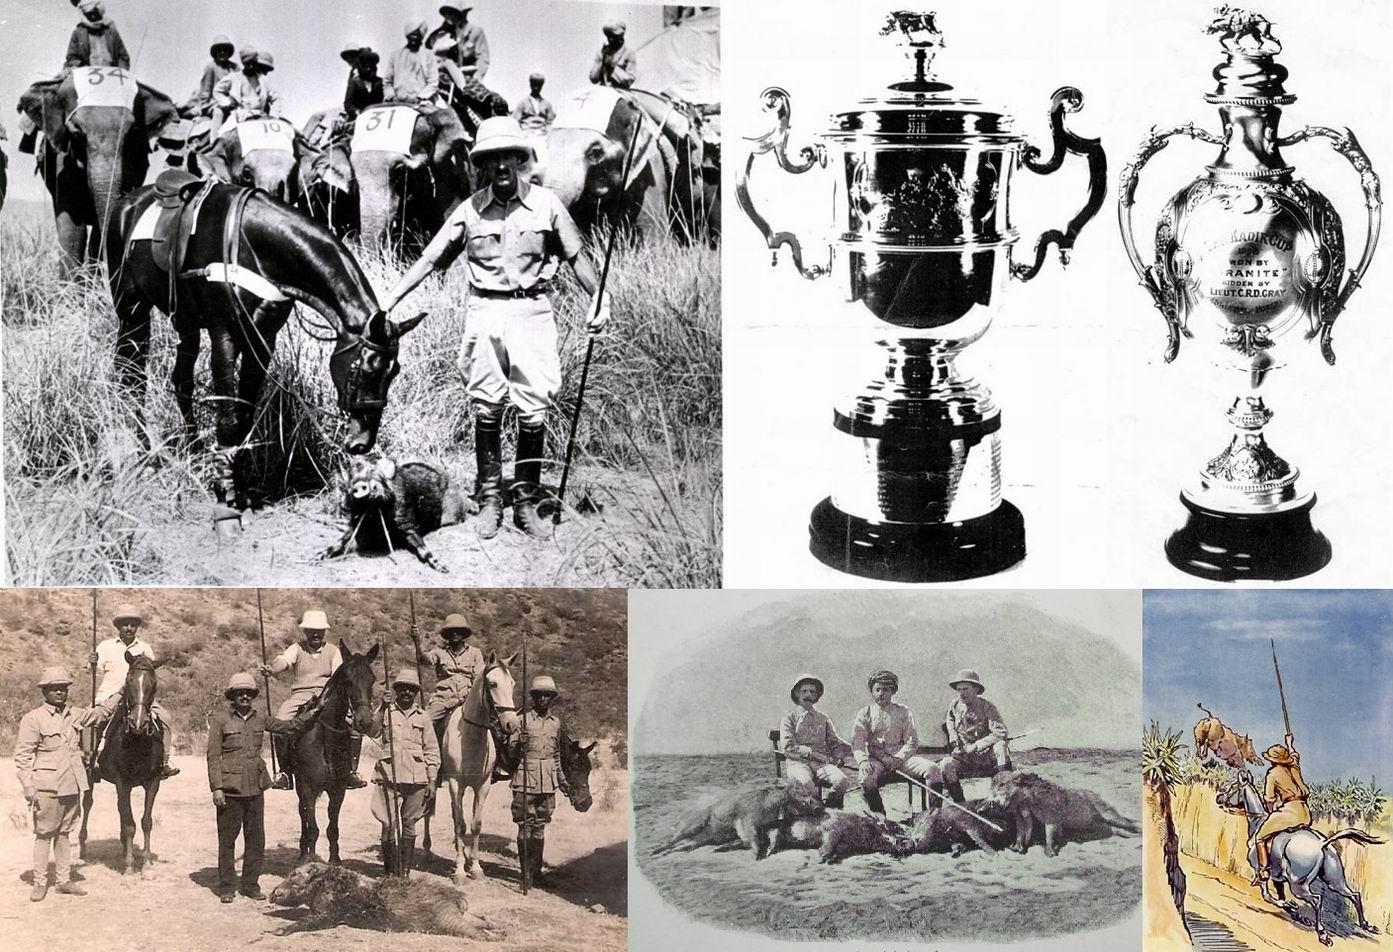 Слева сверху - победители Кубка Кадира 1936г.: Манифест и бригадир Так, справа - награды.